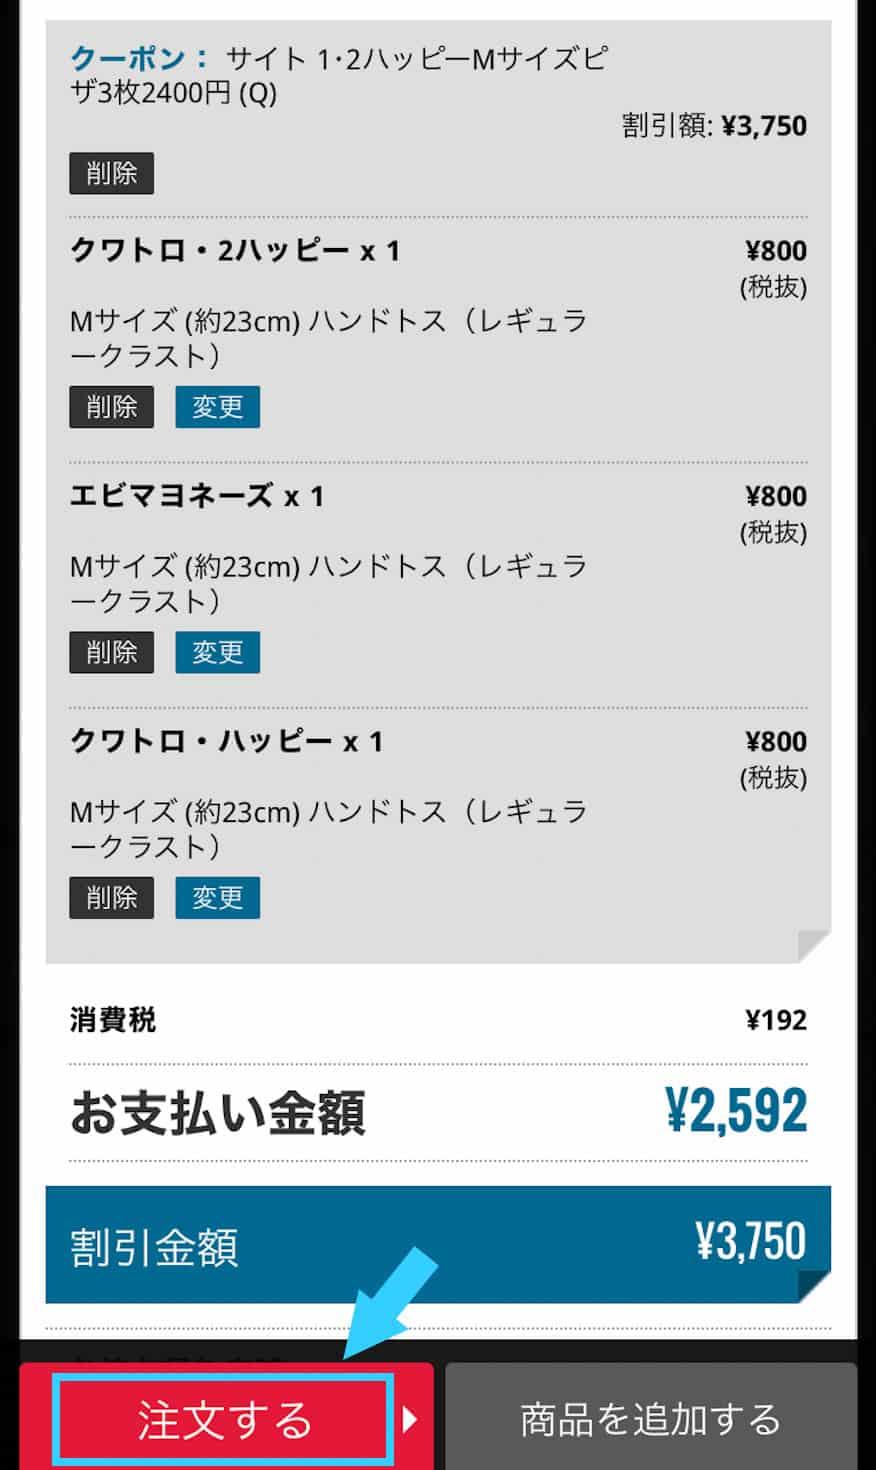 日曜日クーポンでの頼み方7